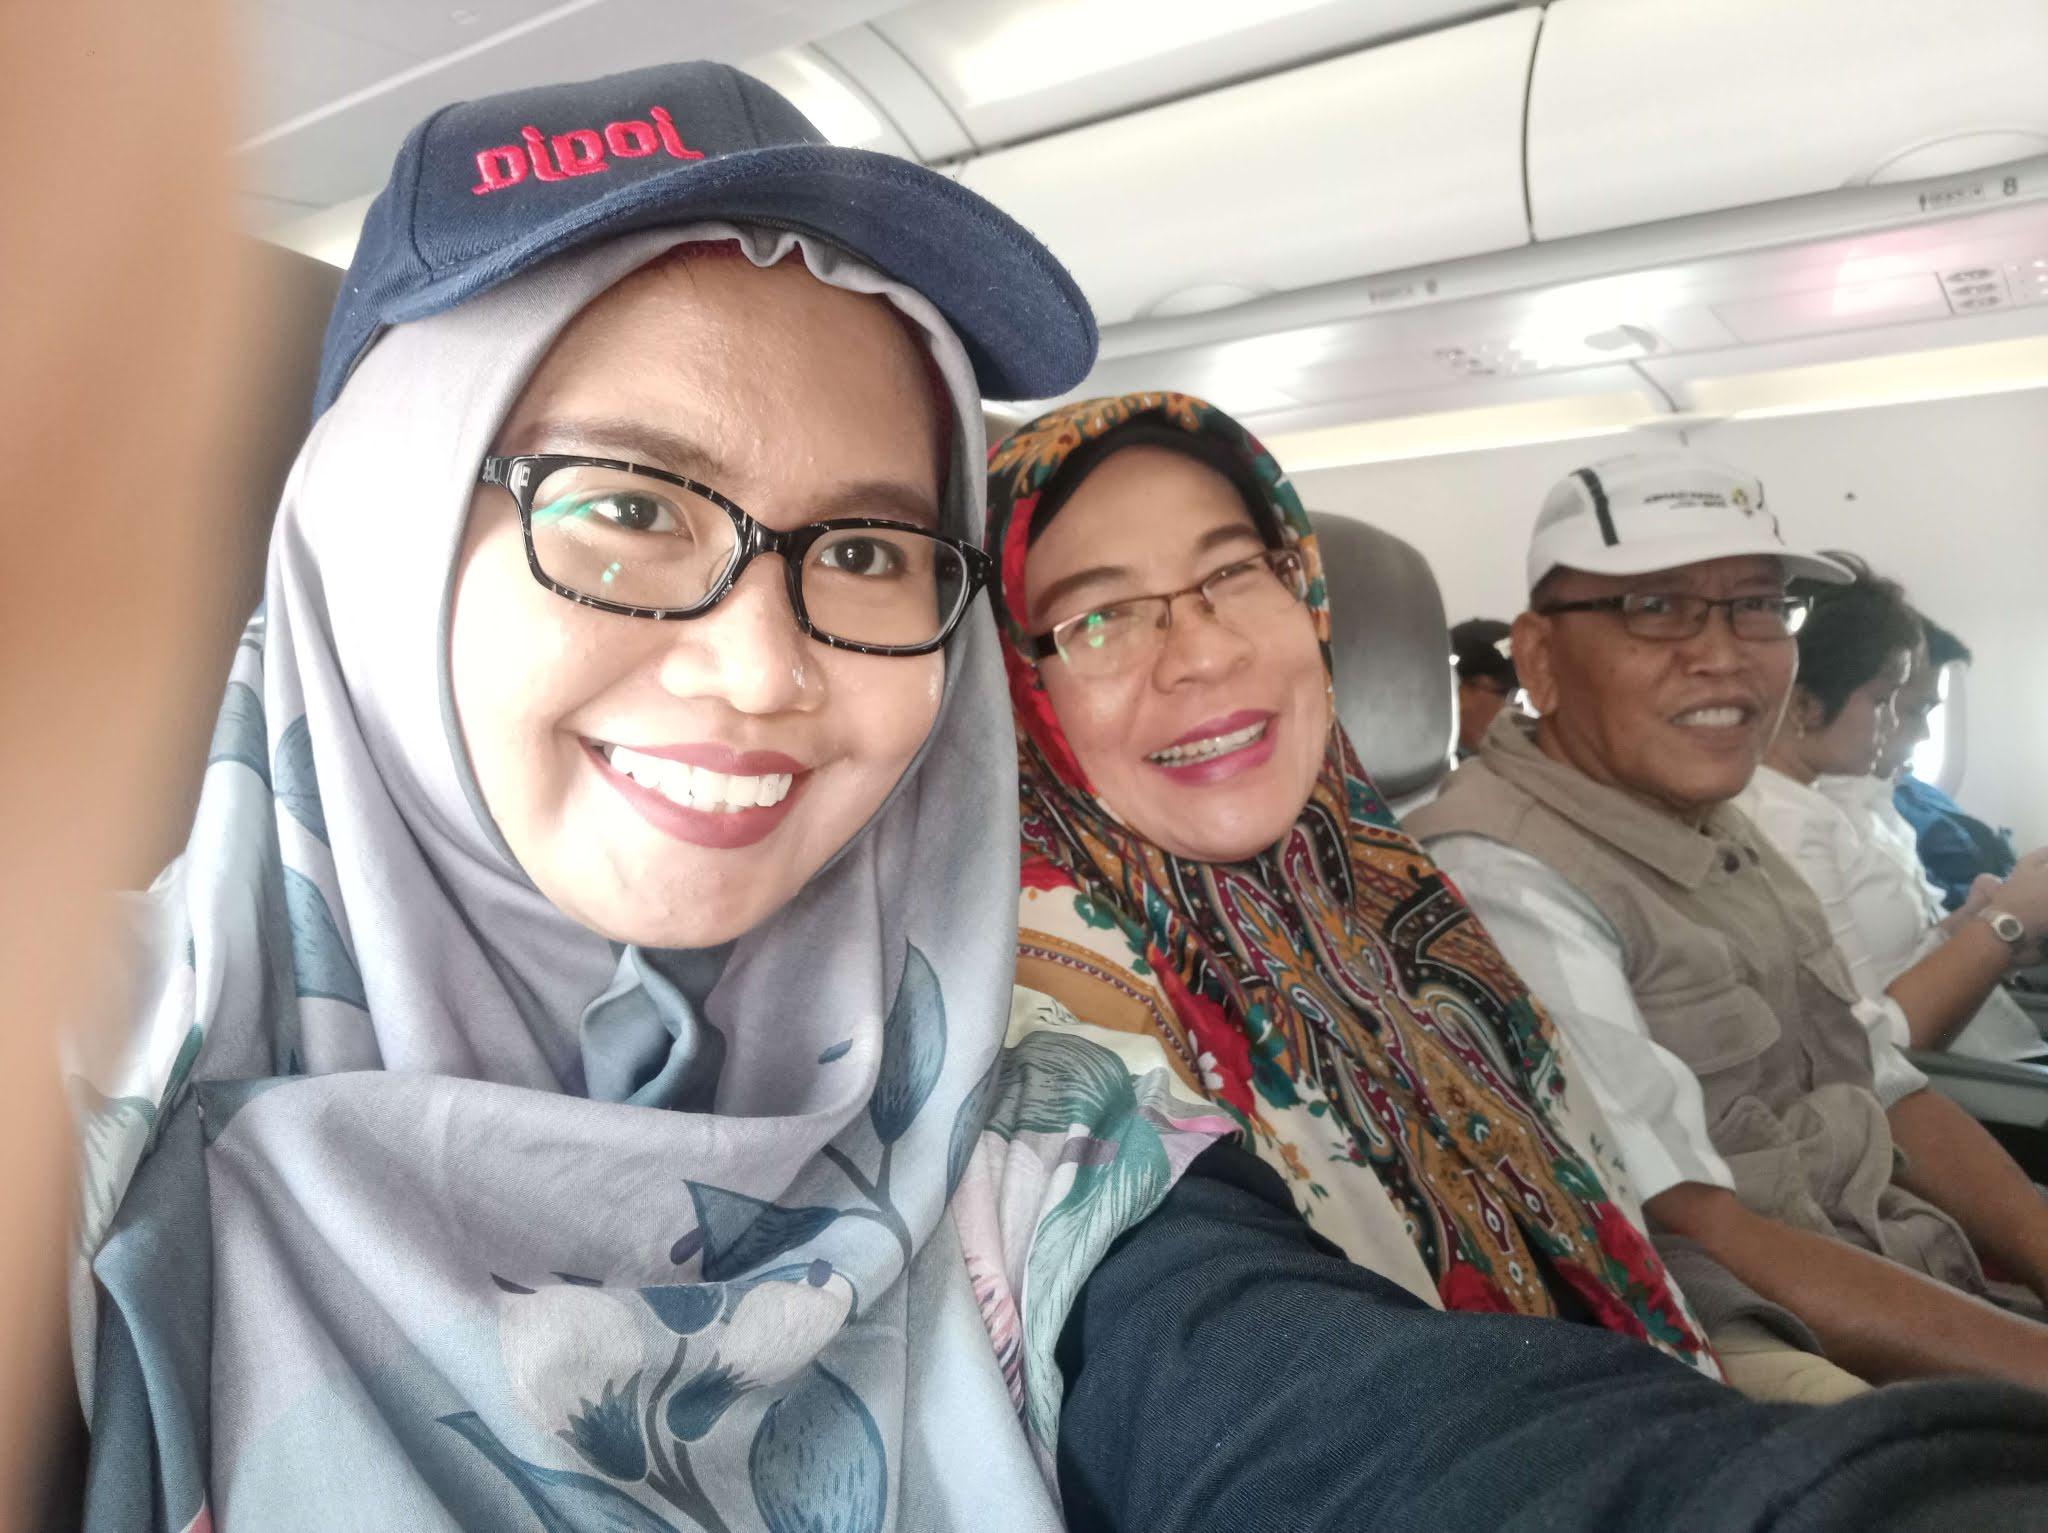 travel blogger, liburan labuan bajo, labuan bajo indah, backpacker labuan bajo, kepulauan flores, muslimah traveller, batik air, maskapai batik air, family travel